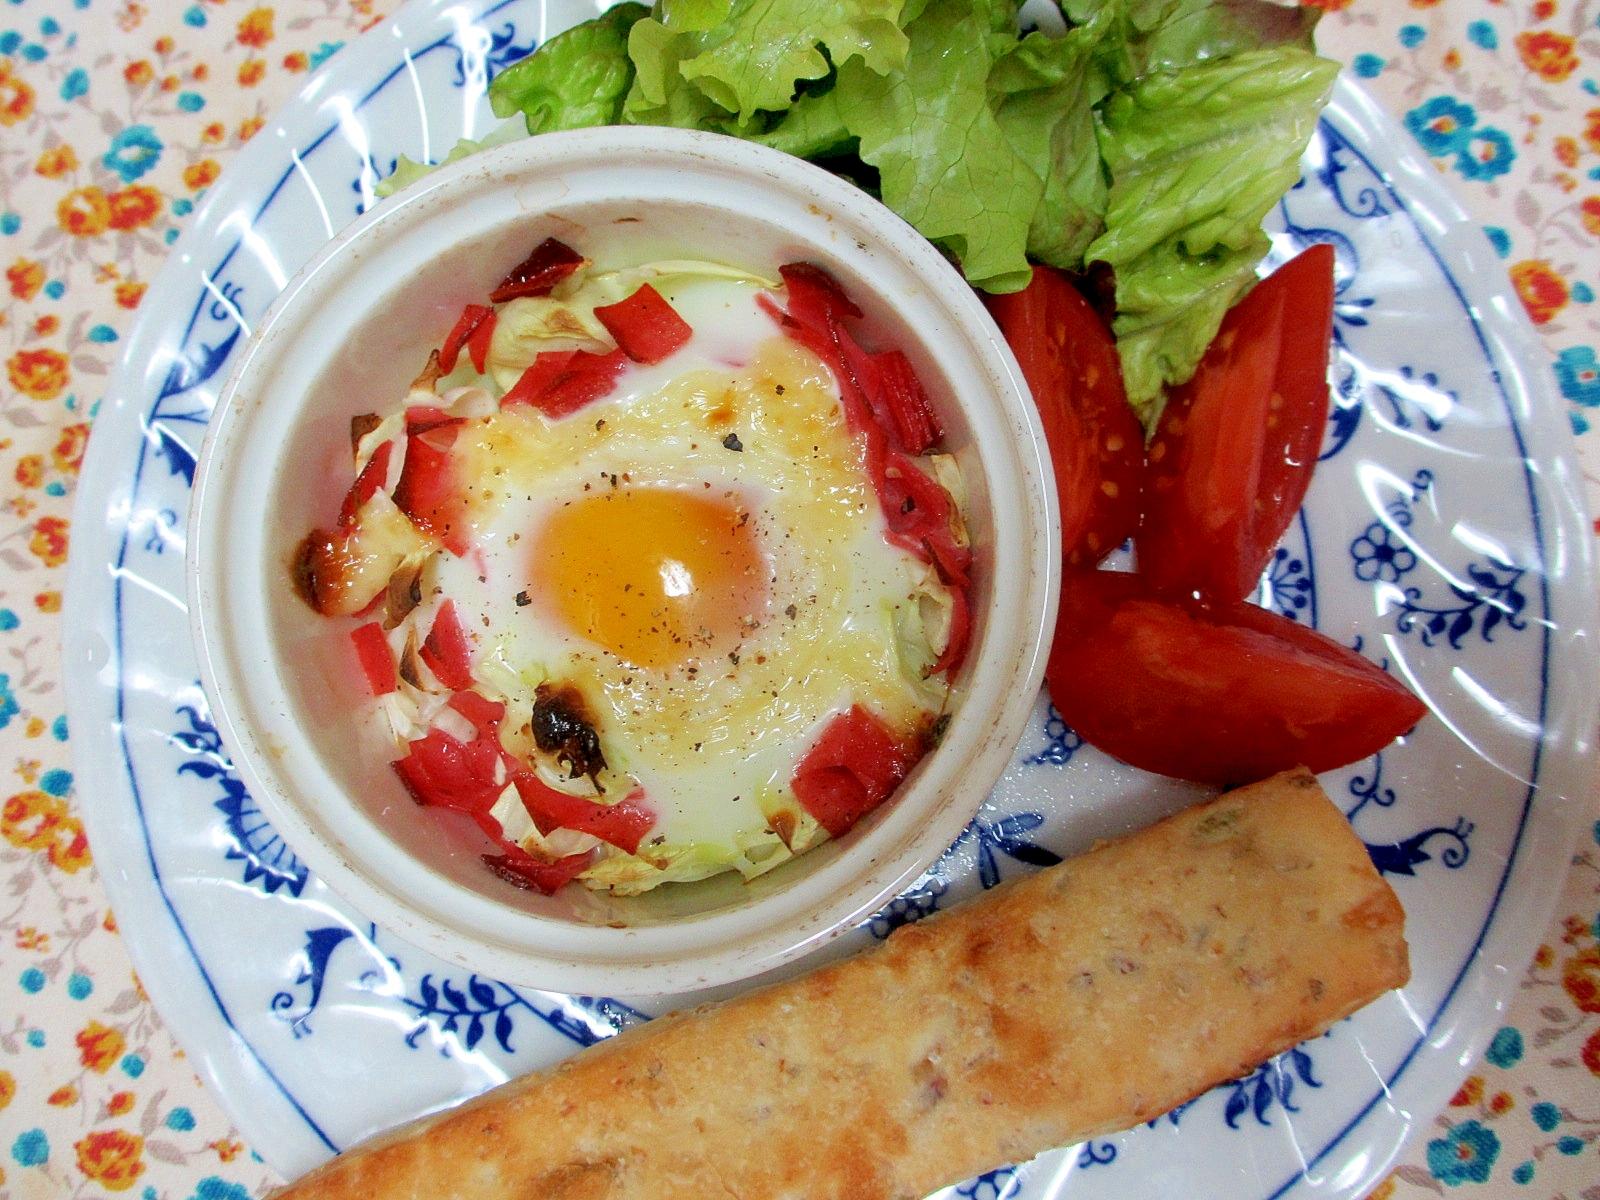 キャベツとハムの卵ココットの朝パンプレート